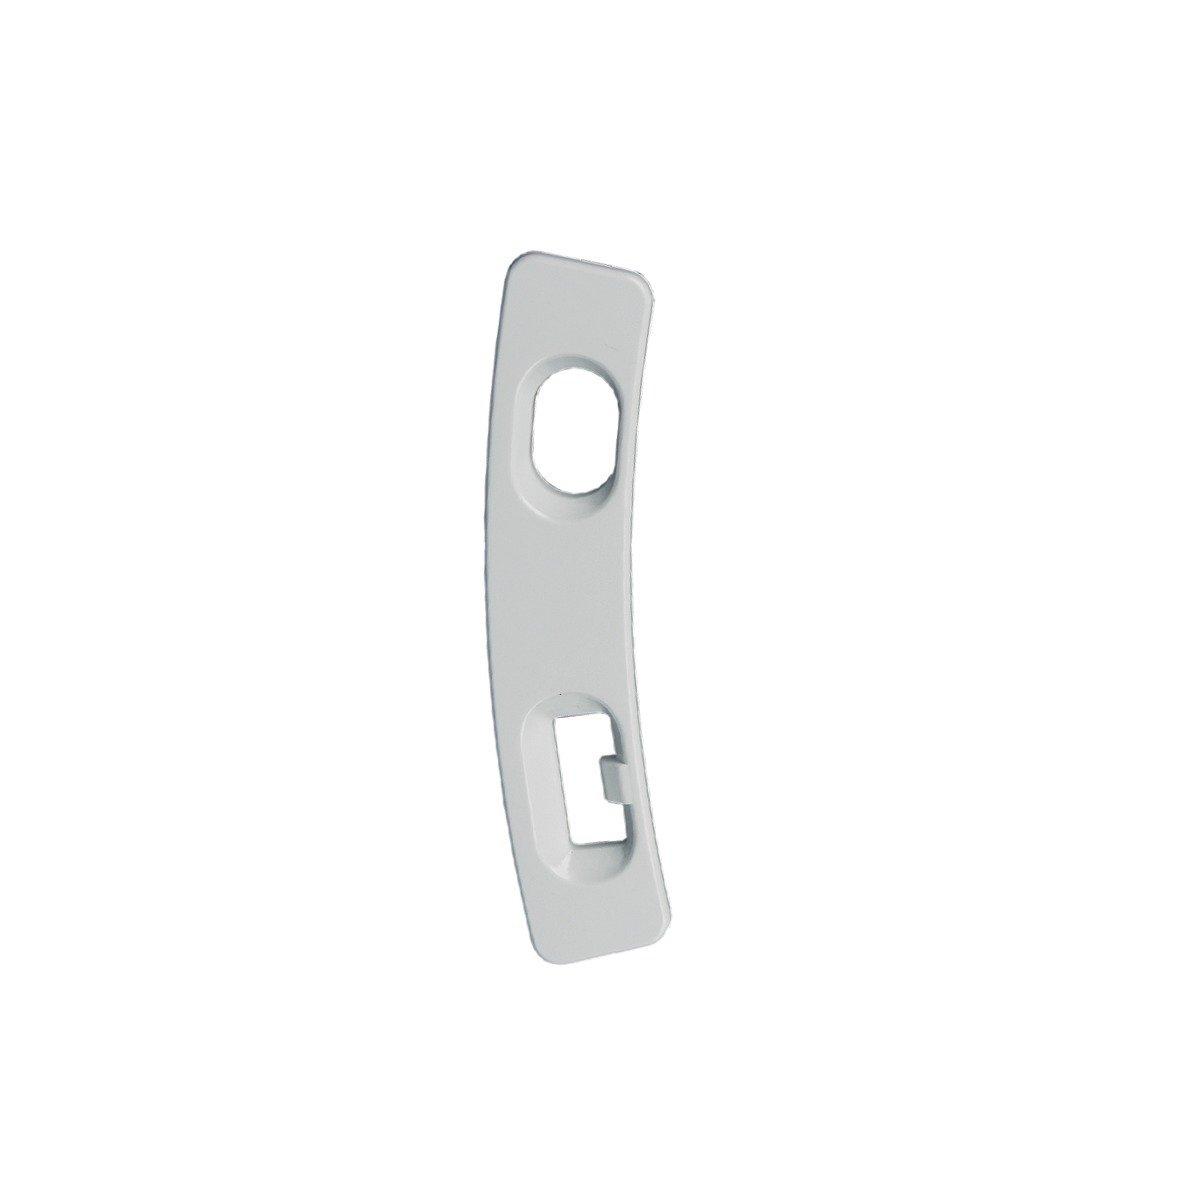 Bosch Tumble Dryer Door Lock Catch Plate